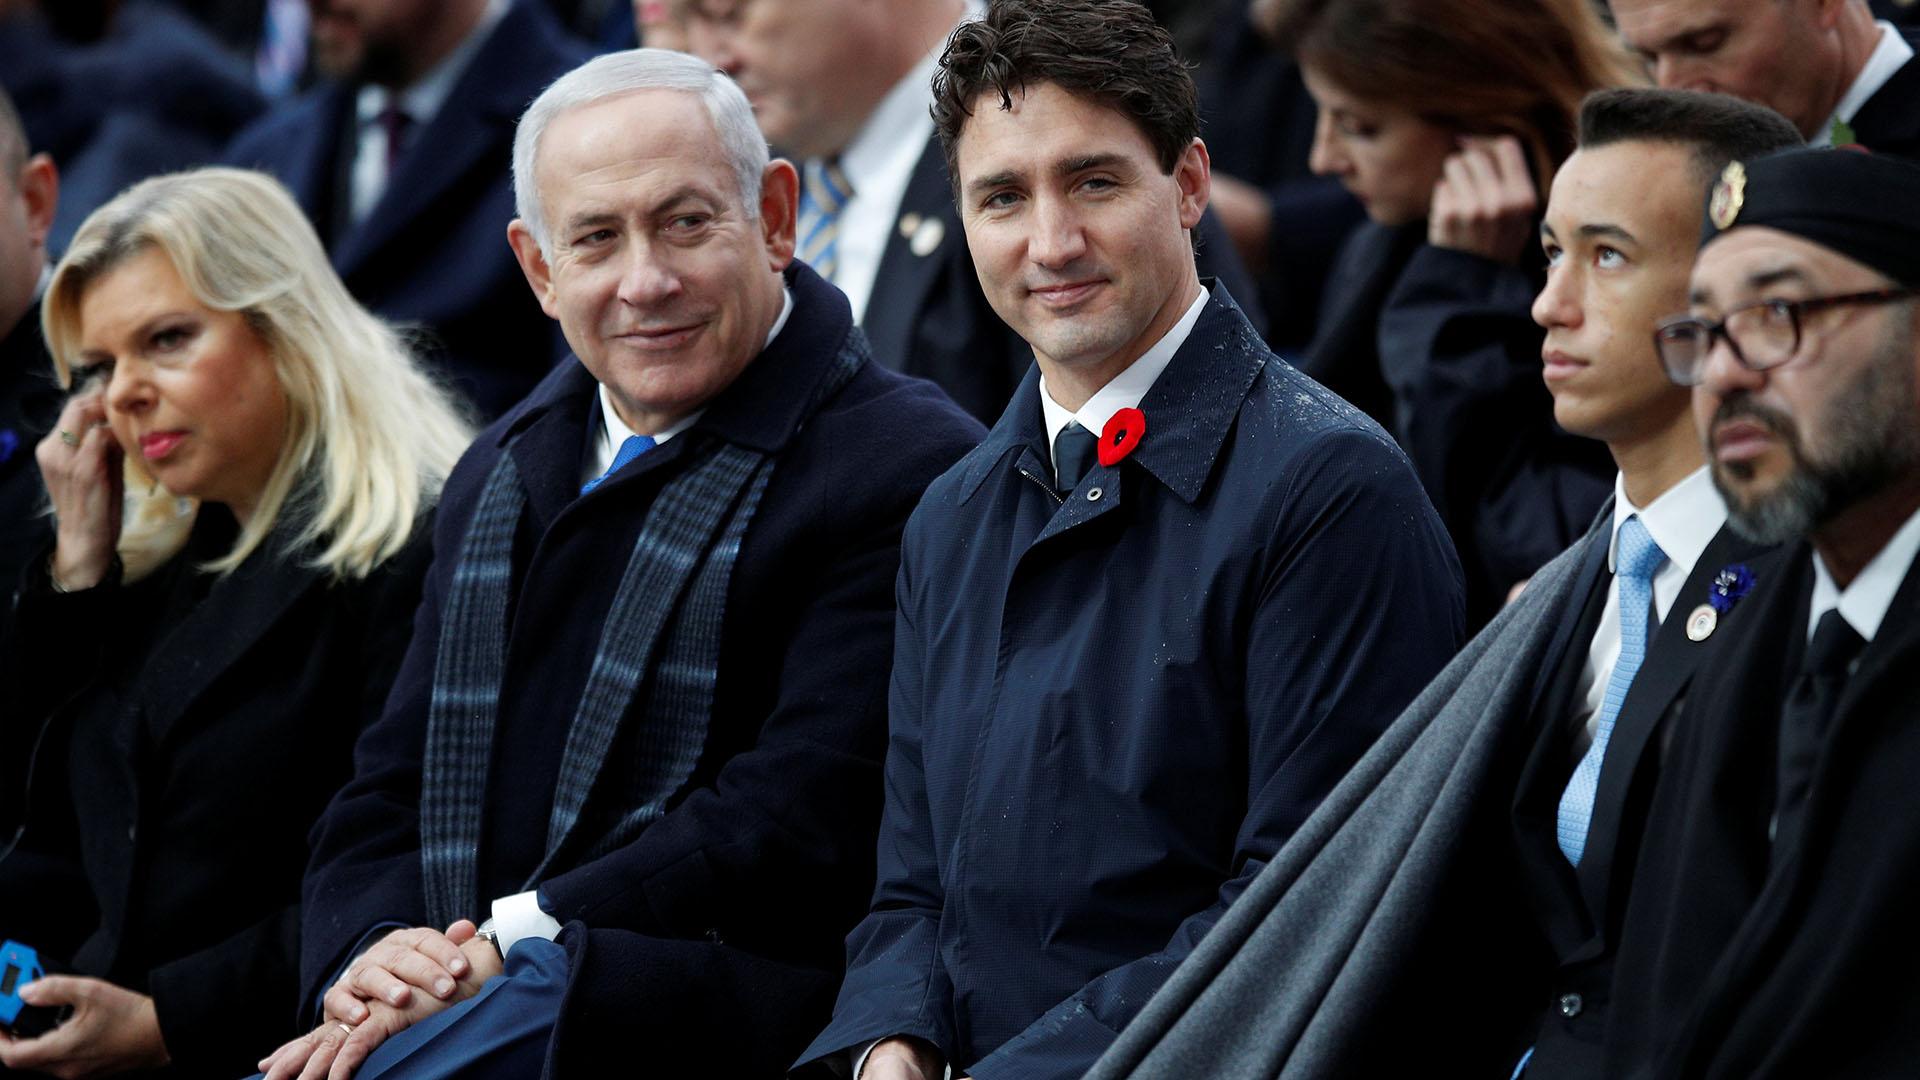 El primer ministro israelí, Benjamin Netanyahu, justo a su esposa Sara y el primer ministro canadiense, Justin Trudeau